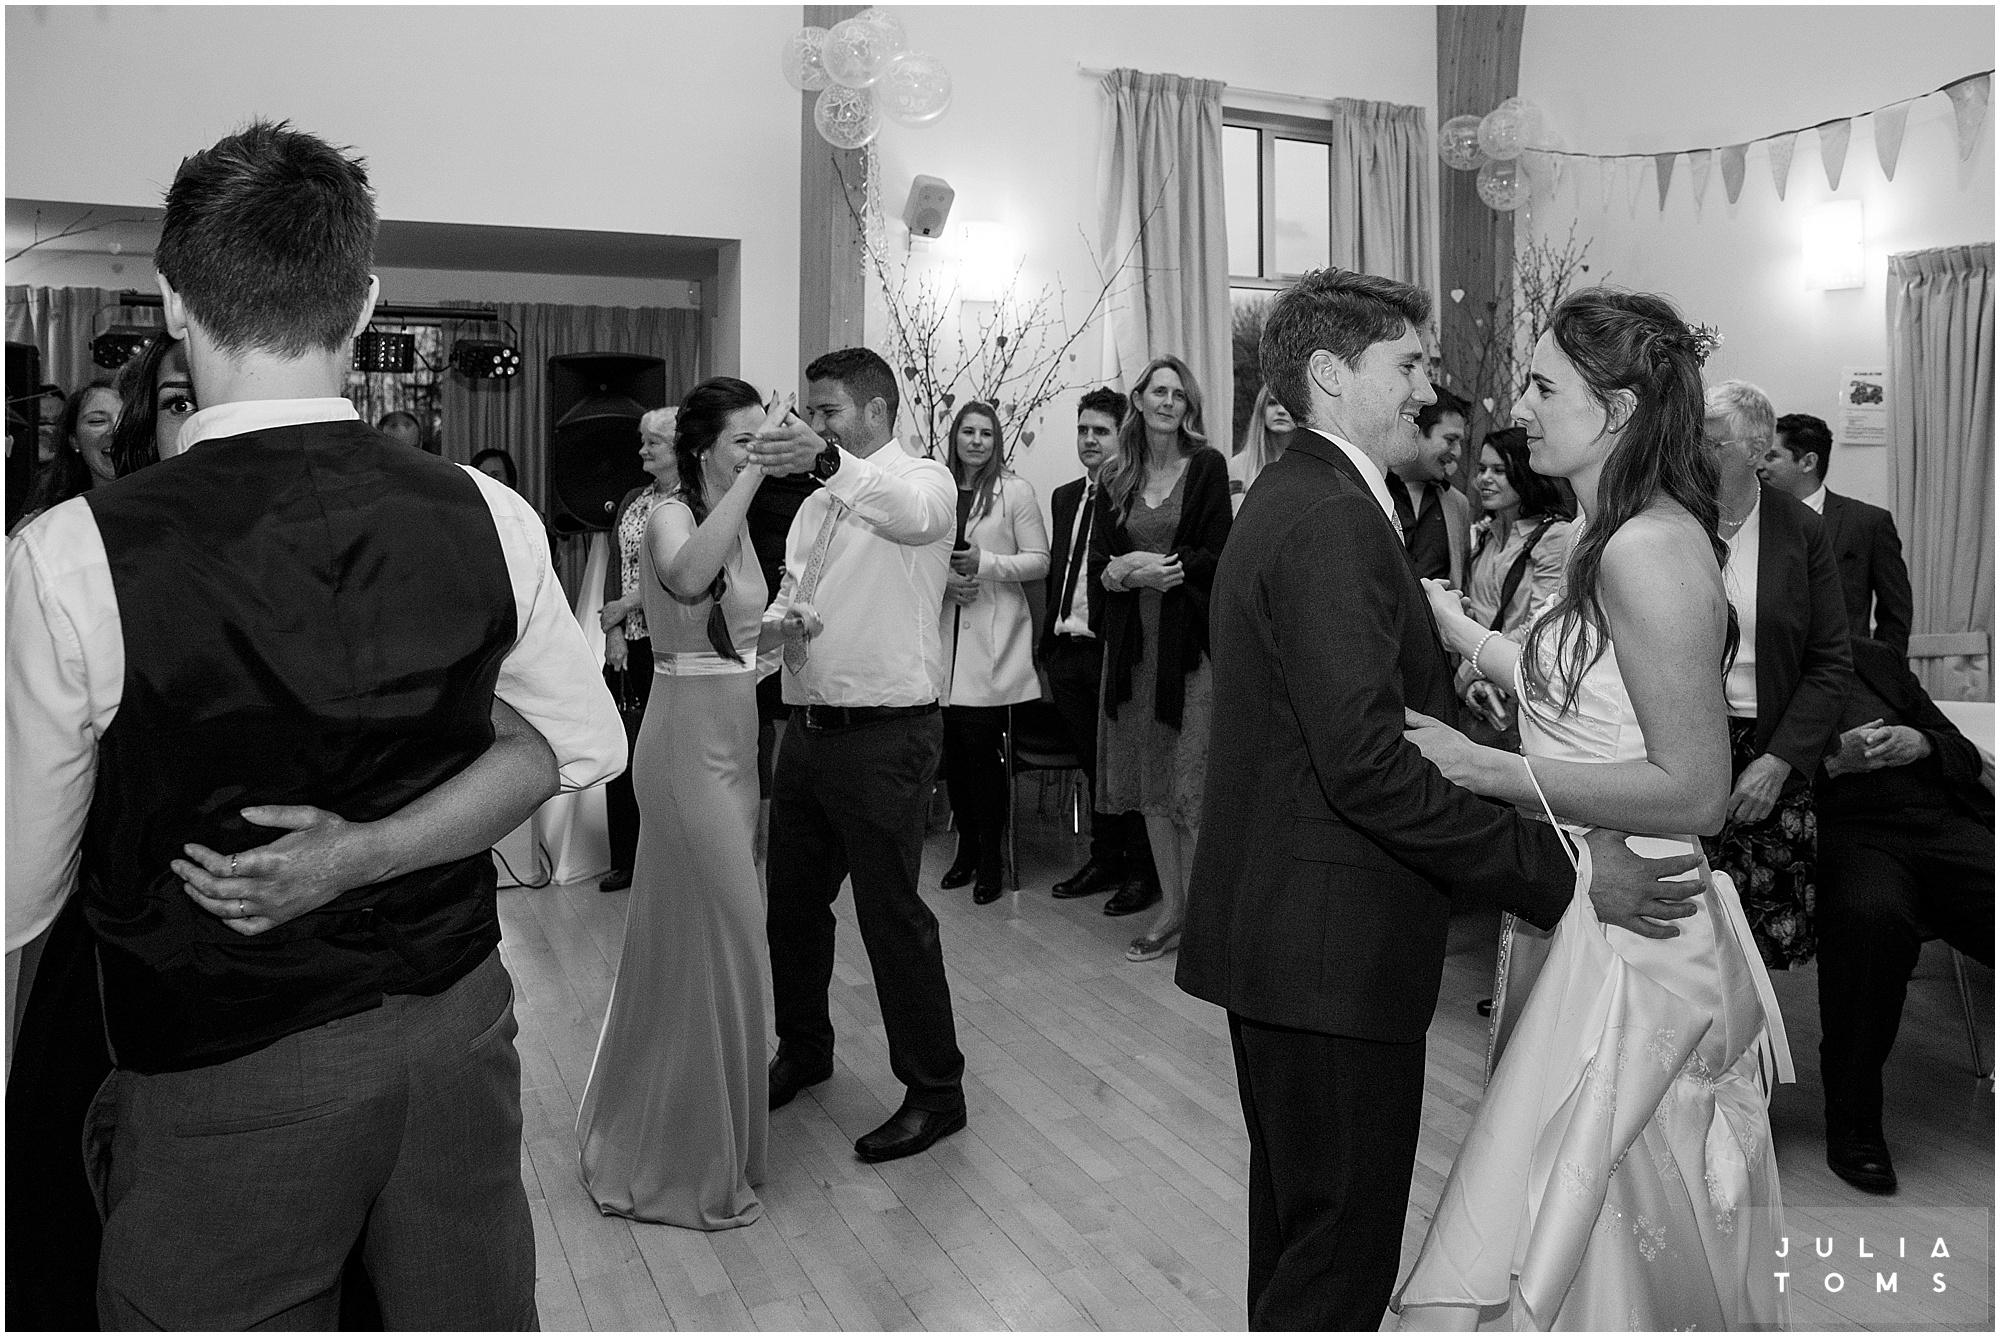 juliatoms_christian_wedding_photogtapher_midhurst_022.jpg